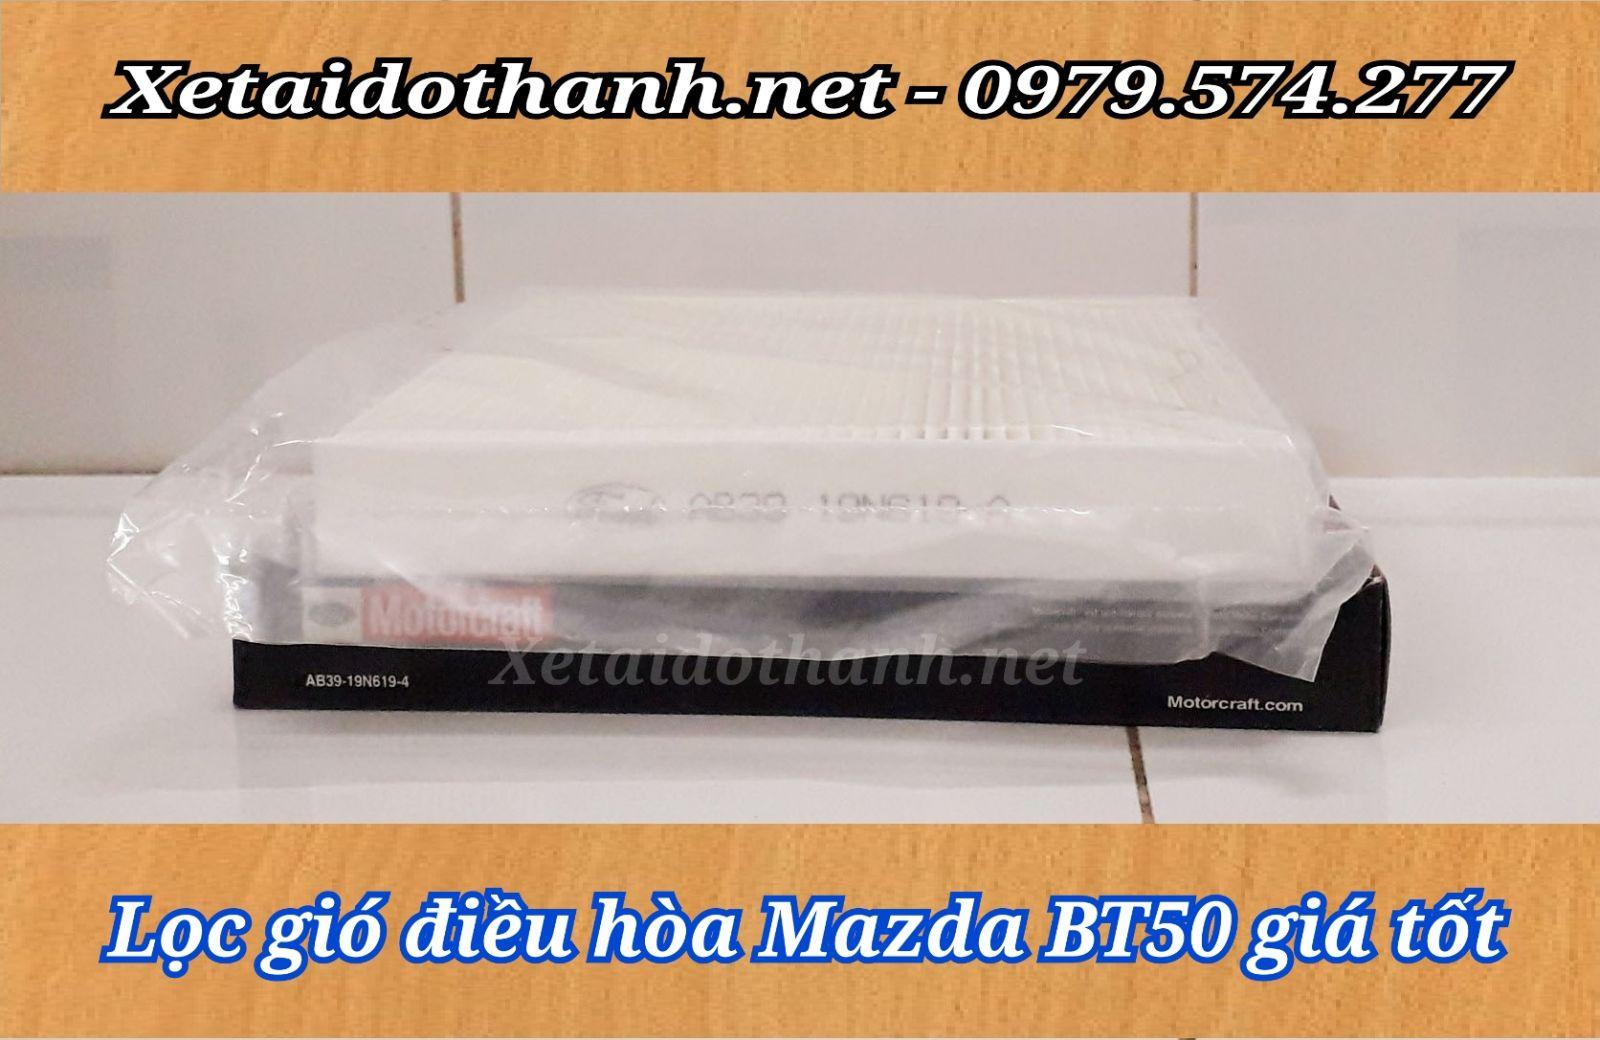 Lọc gió điều hòa Mazda BT50 chất lượng - giá tốt